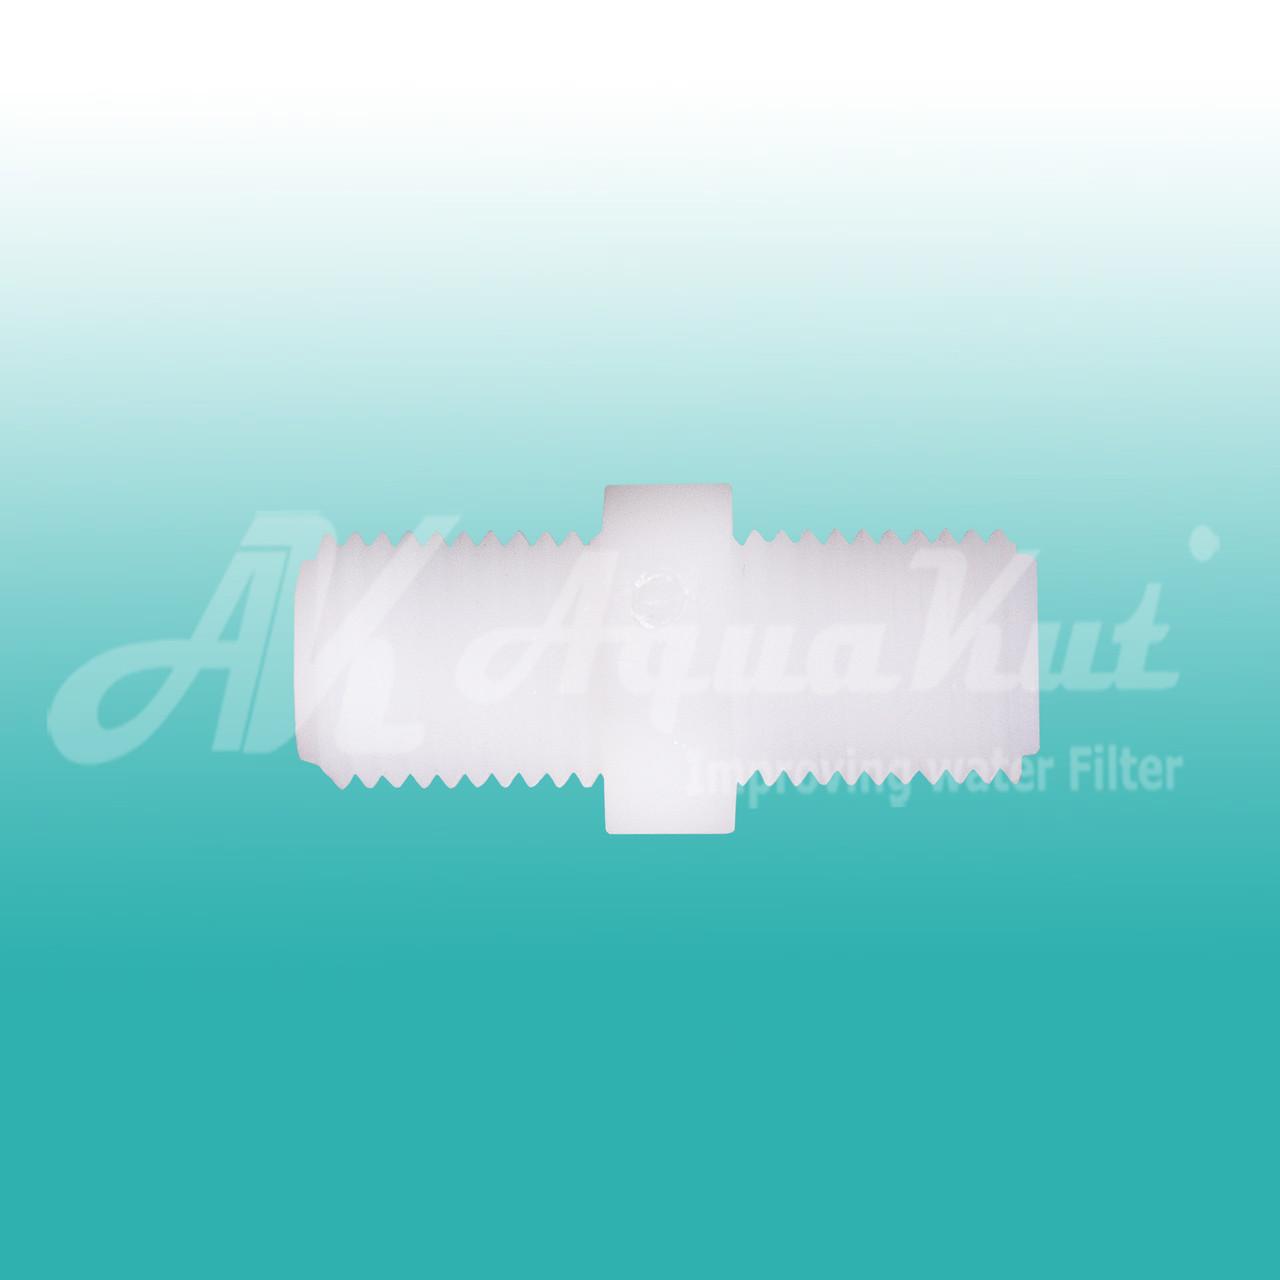 Переходник межколбовый 1/4НР х 16 гайка х1/4 НР; A-1072.